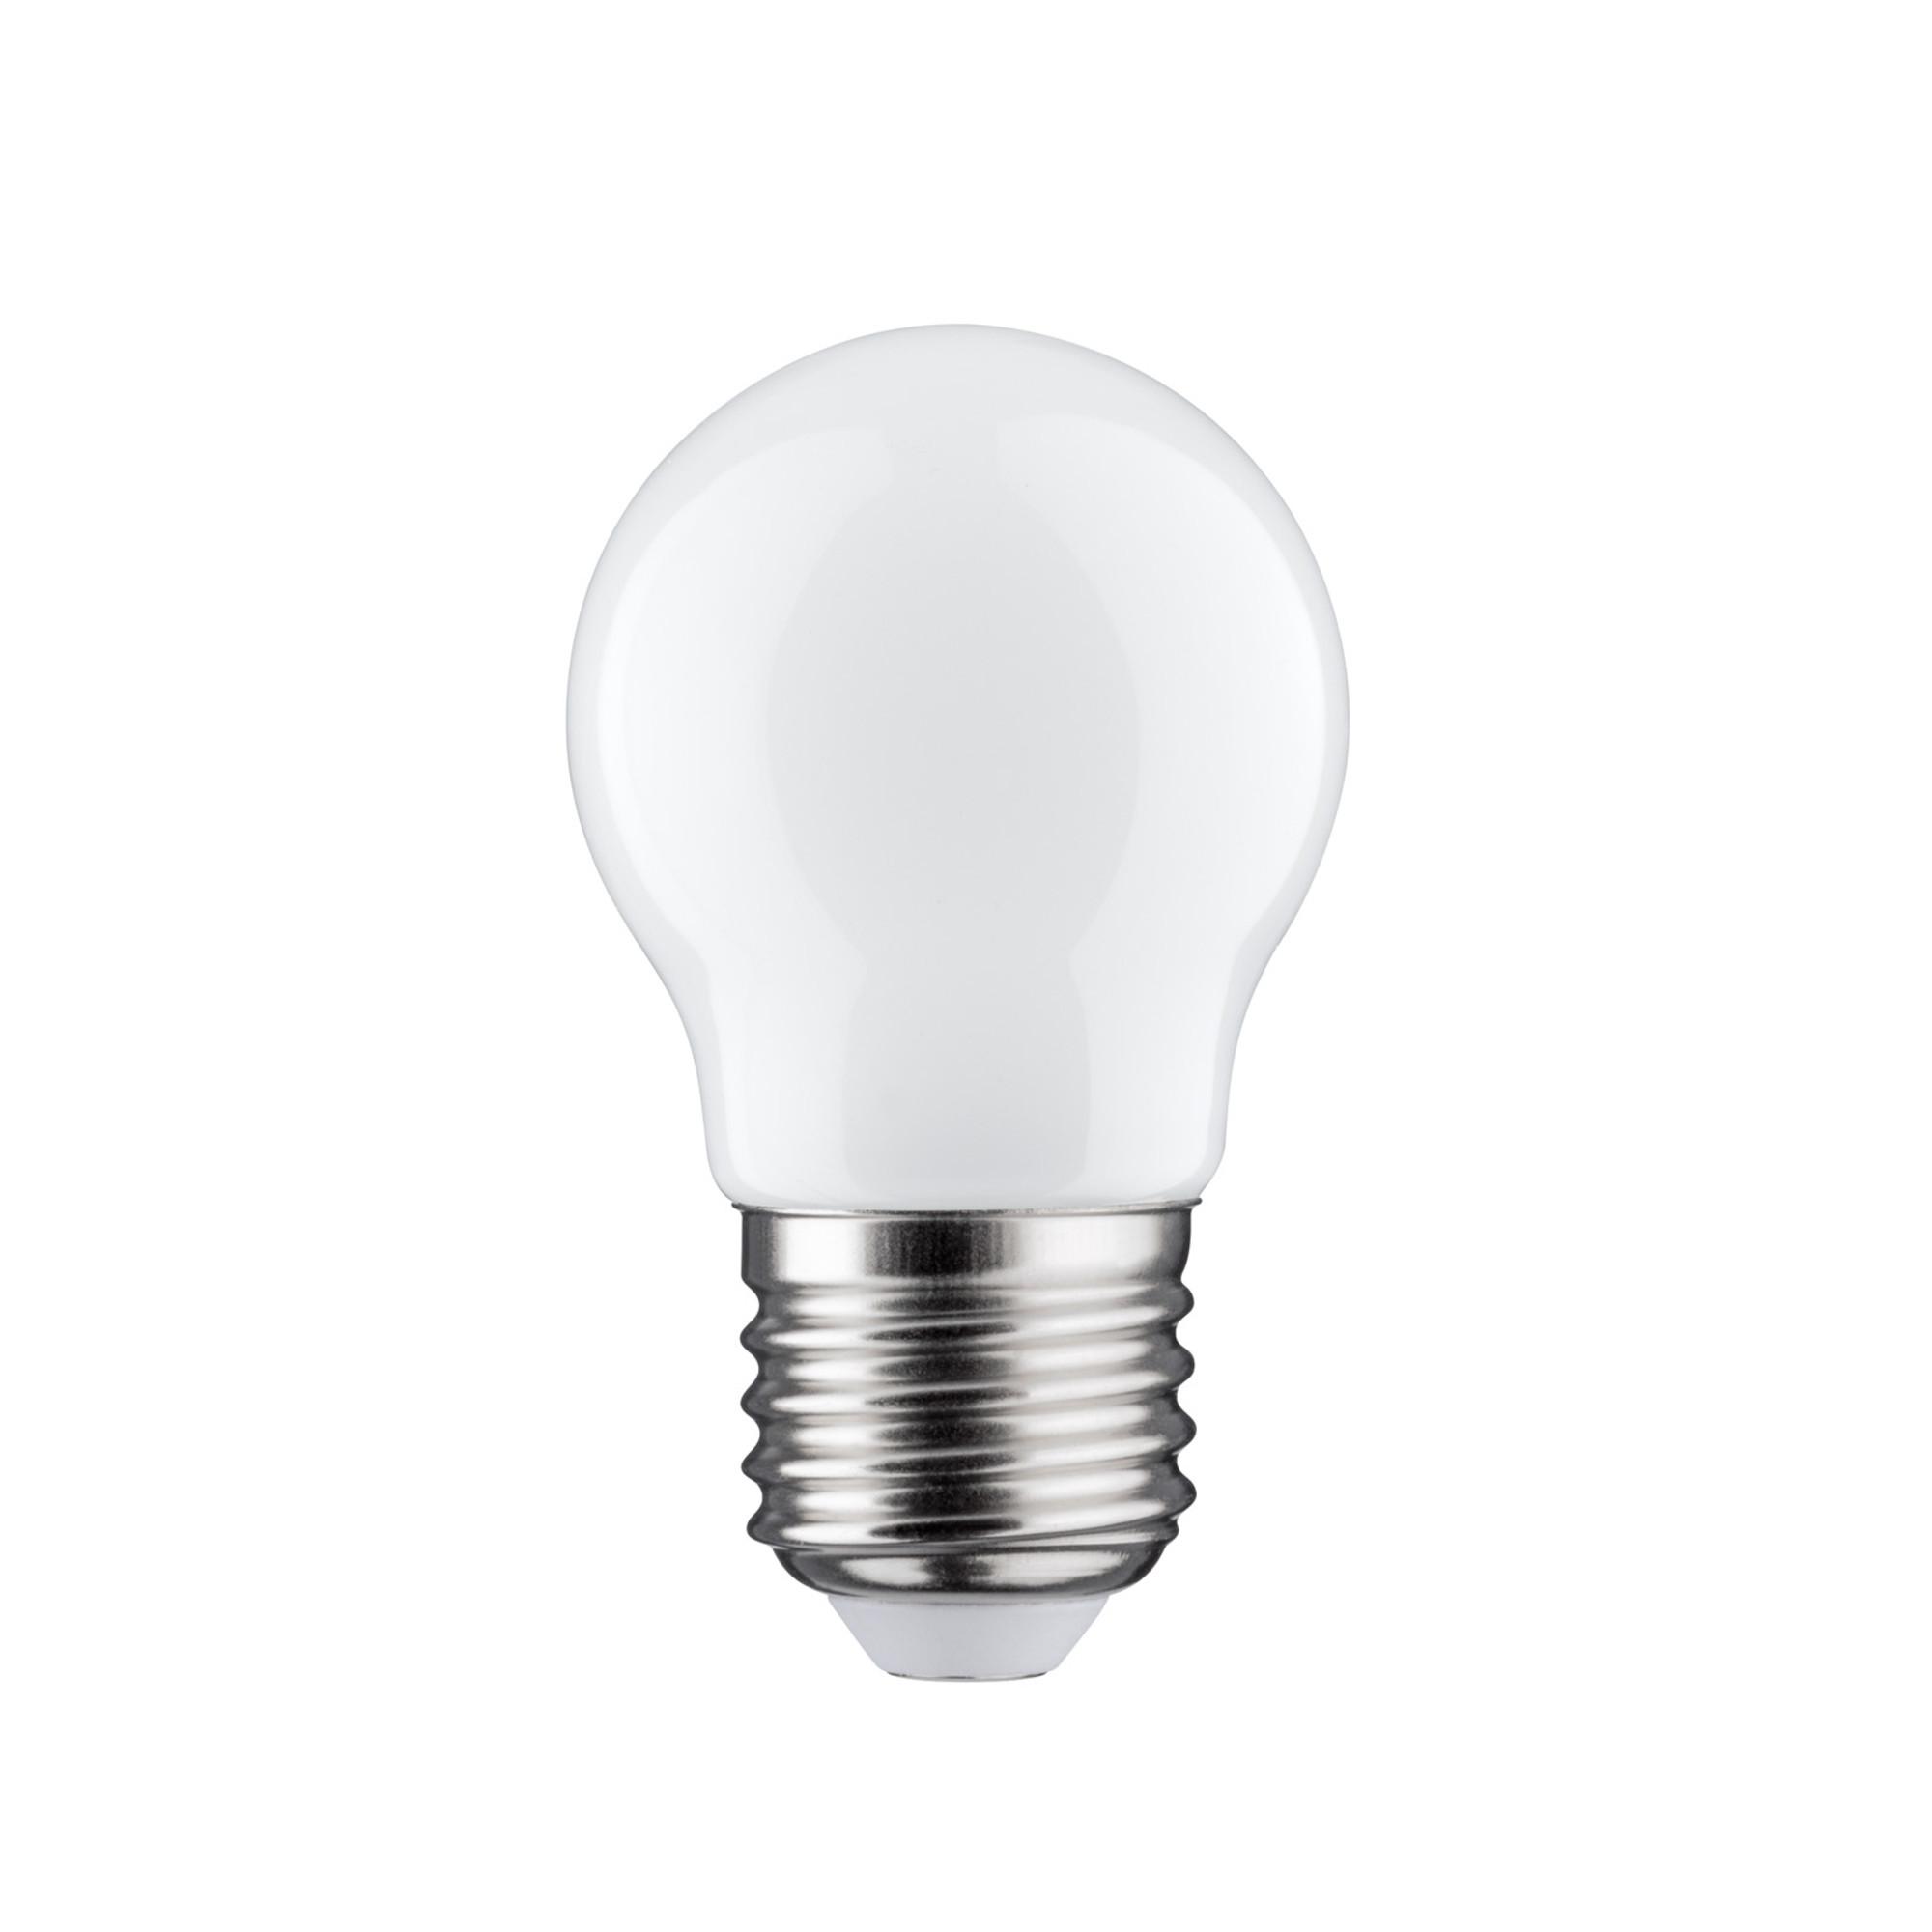 Лампа филаментная Paulmann Ретро Капля 4.5Вт 400лм 2700К Е27 230В Опал С регулируемой яркостью 28481.